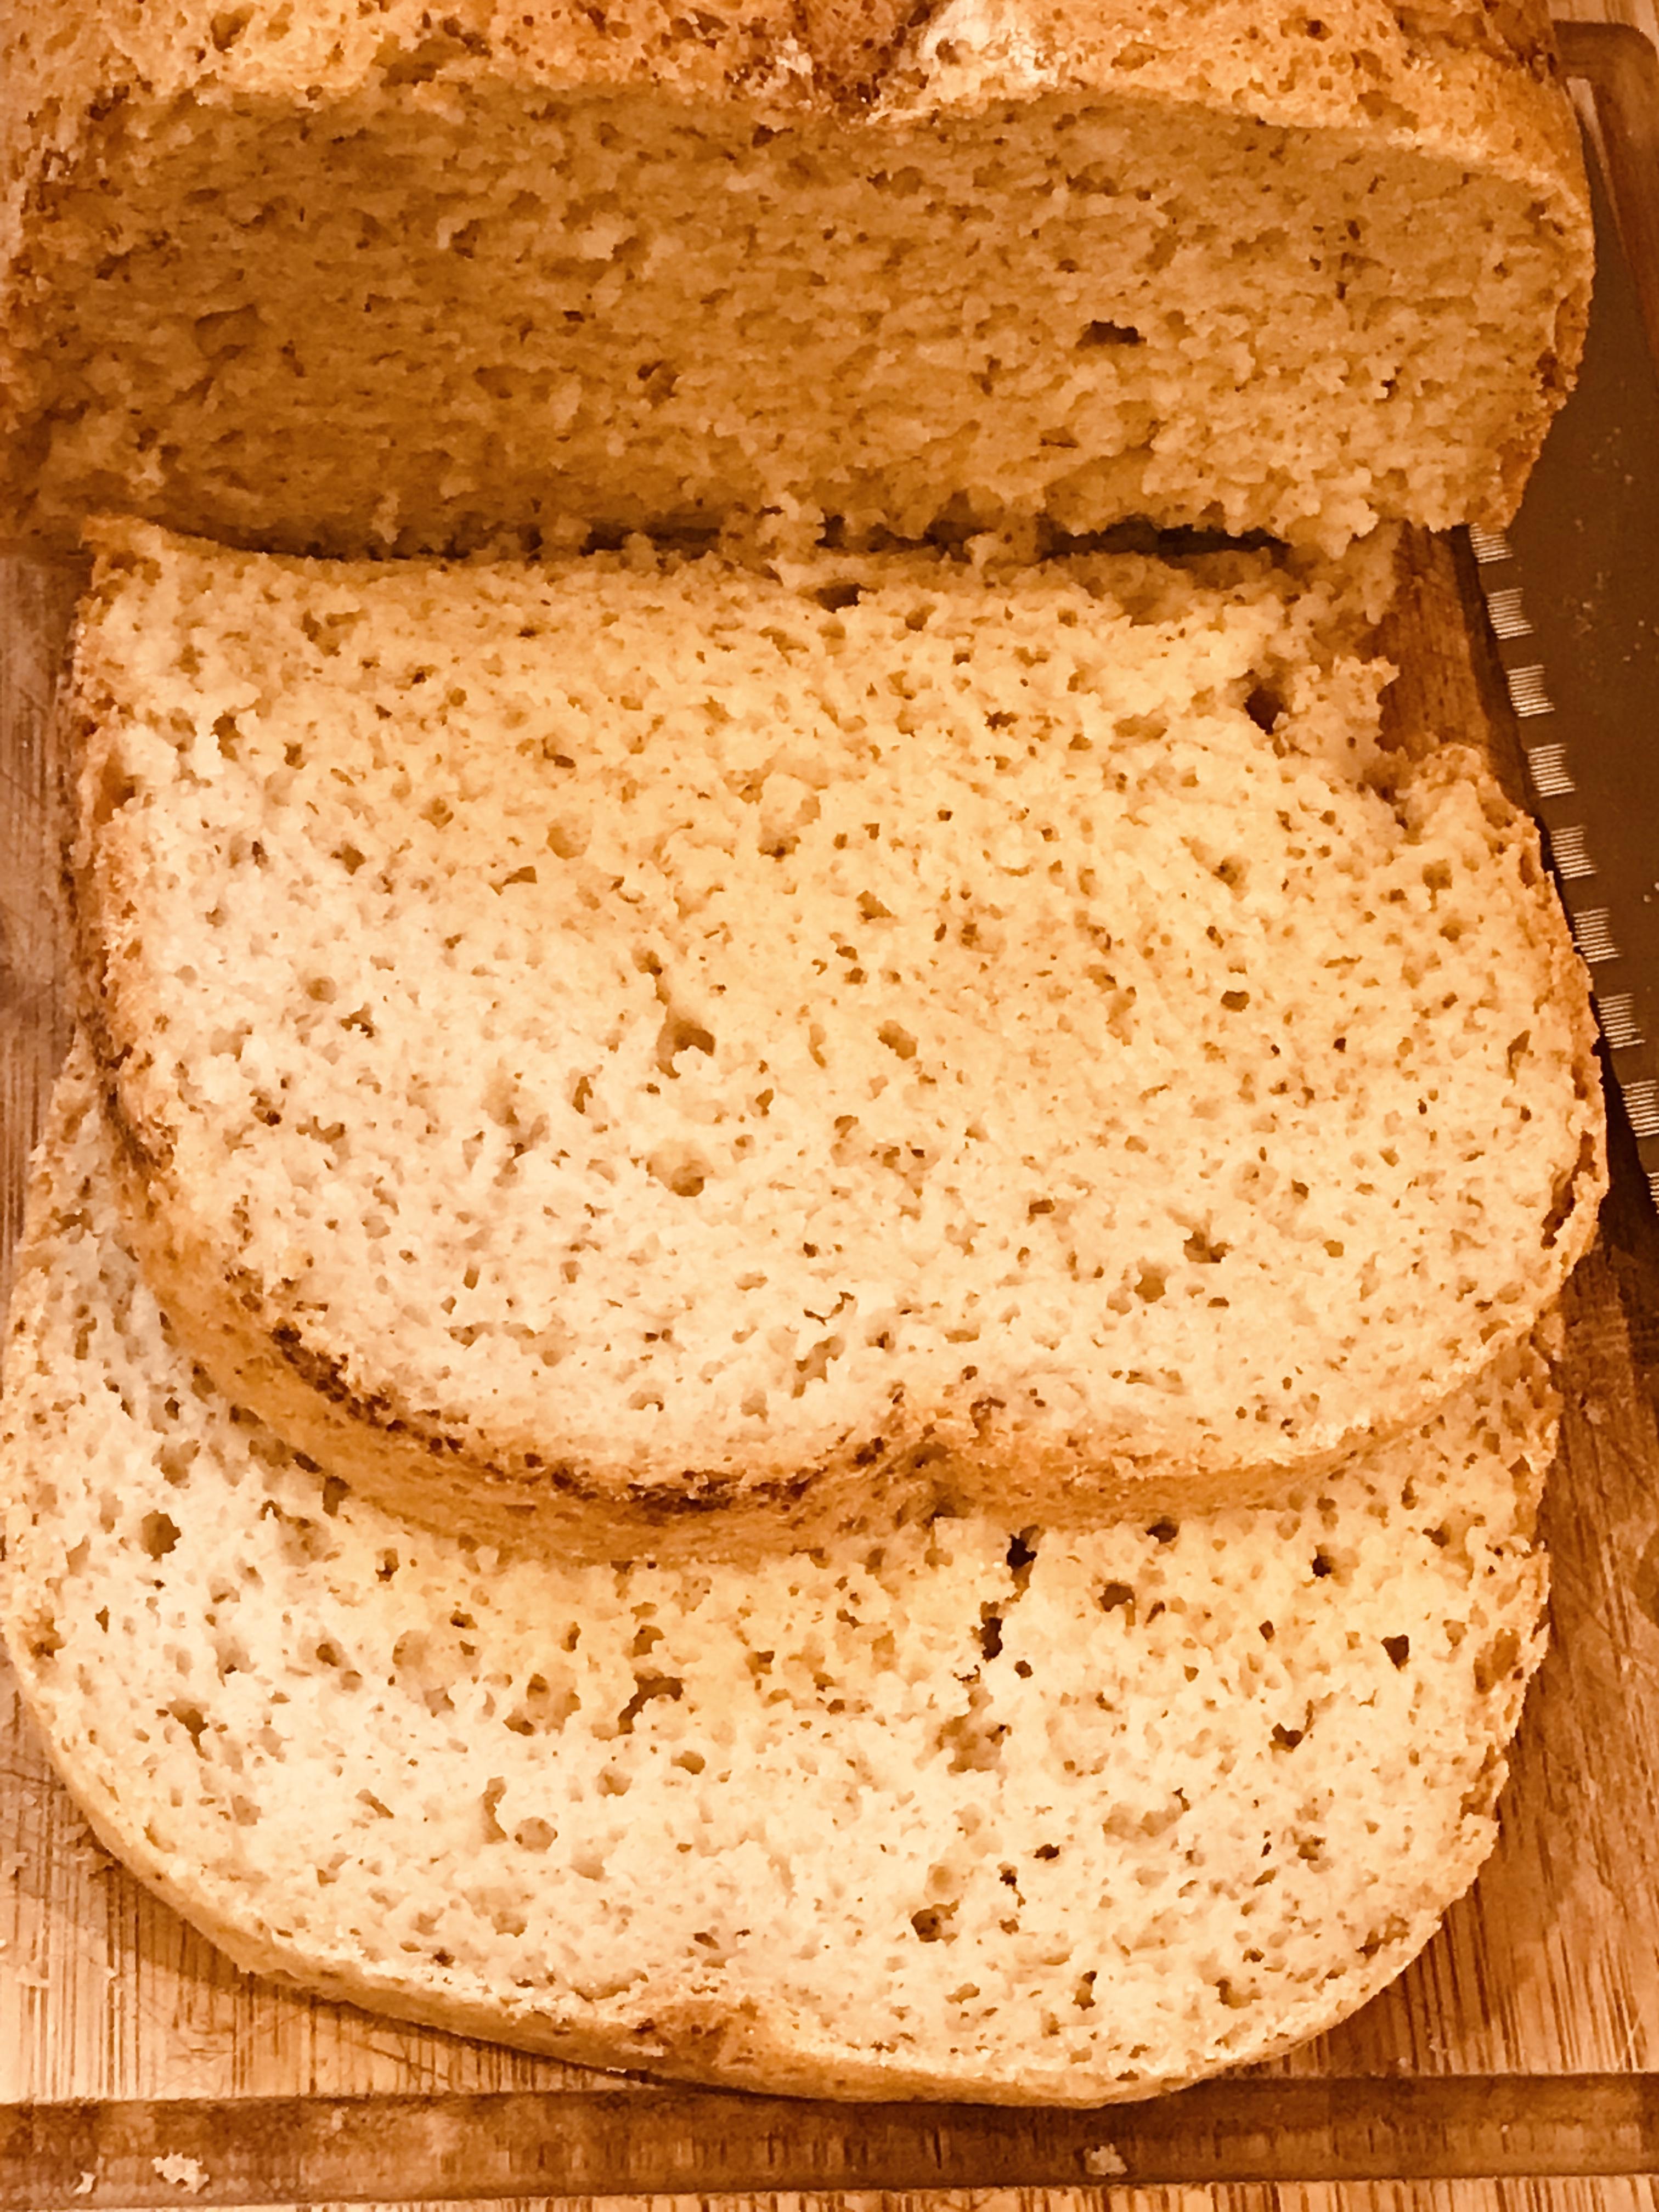 Alison's Gluten-Free Bread Imei Hsu